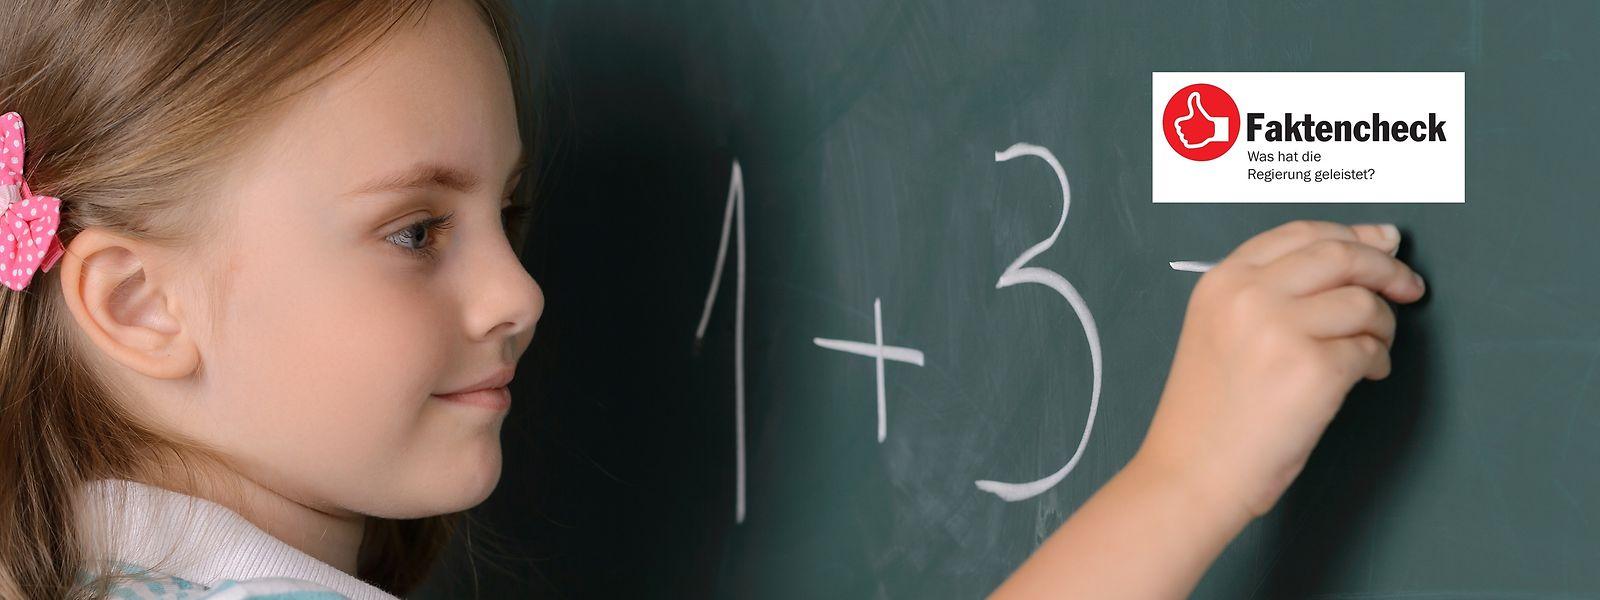 Im Bildungswesen wurden in den vergangenen fünf Jahren viele Reformen umgesetzt. Was sie bringen werden, ist noch unklar.